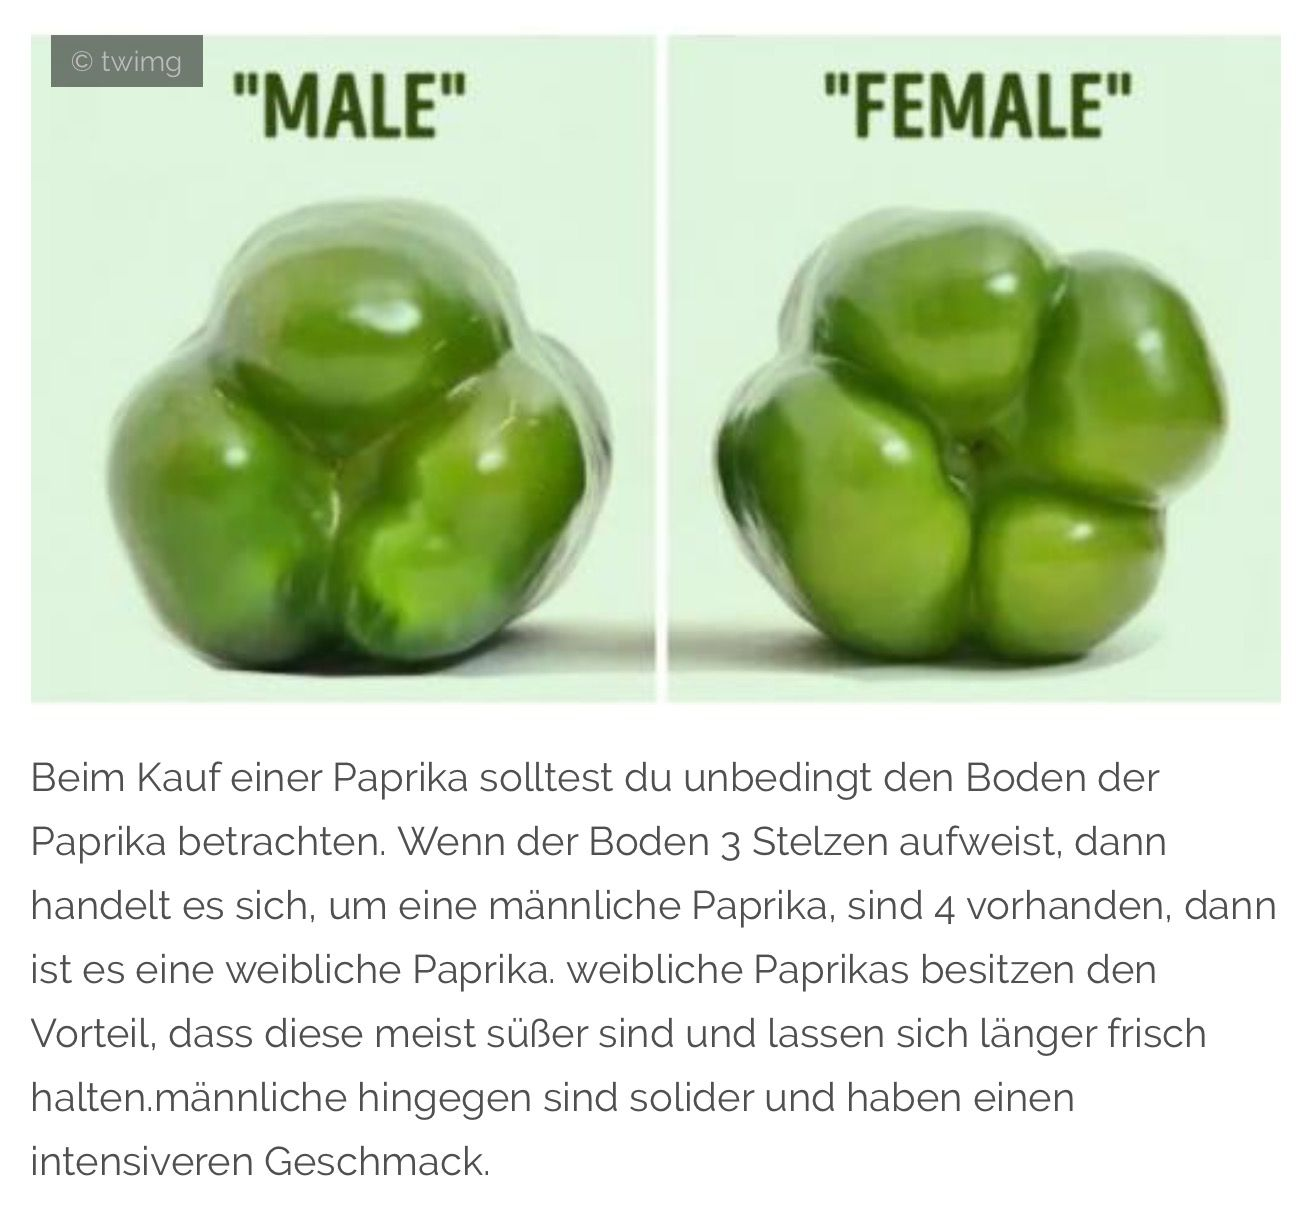 Weibliche Paprika